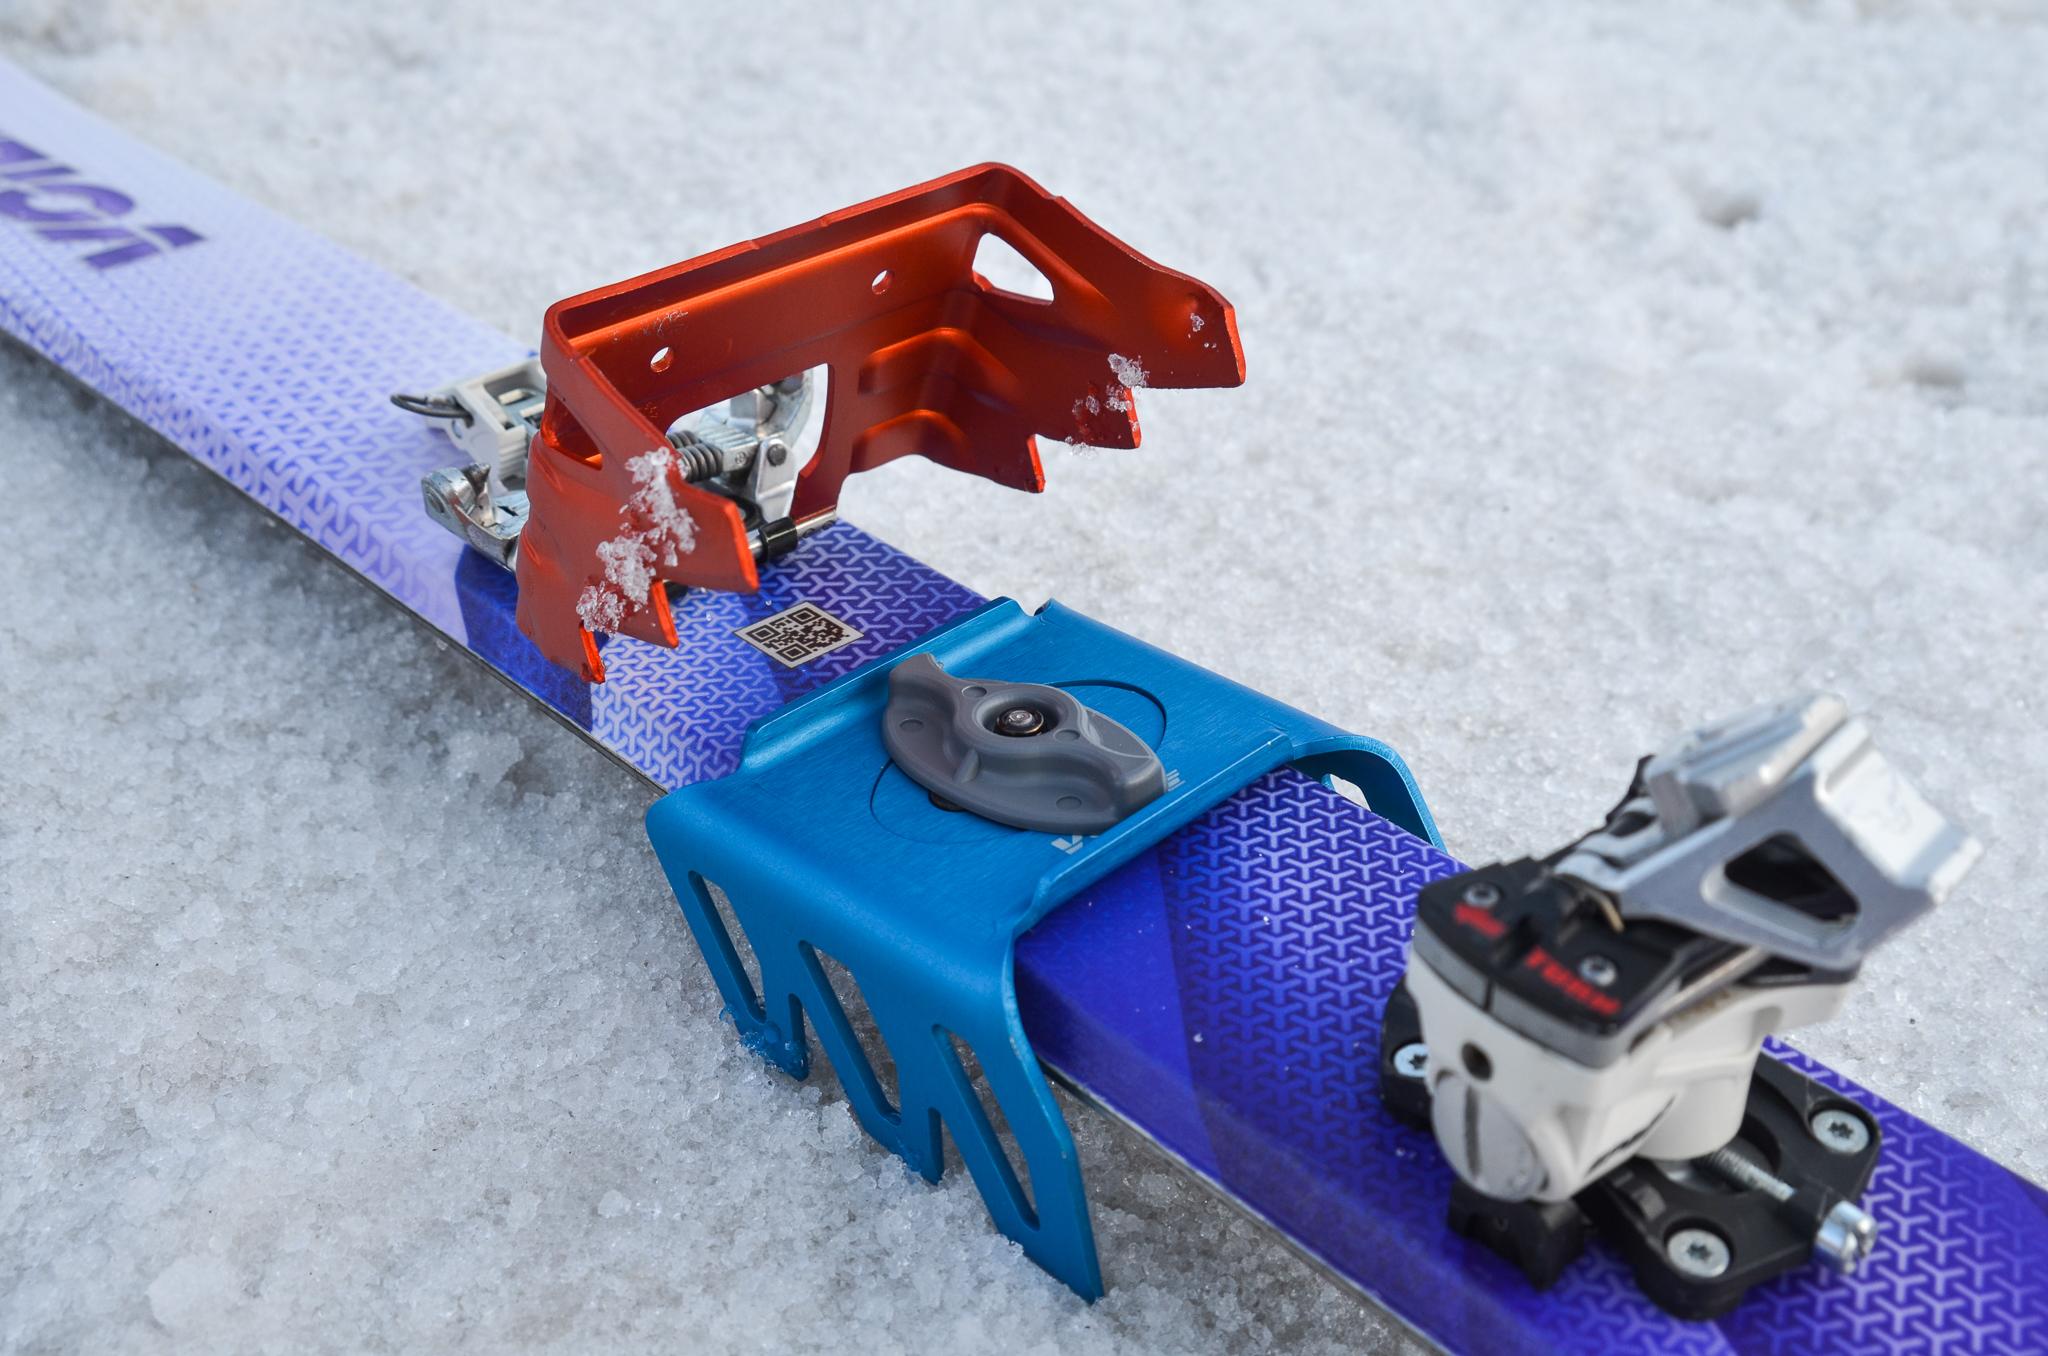 voile_ski_crampons_fixed_vs_pivot_2